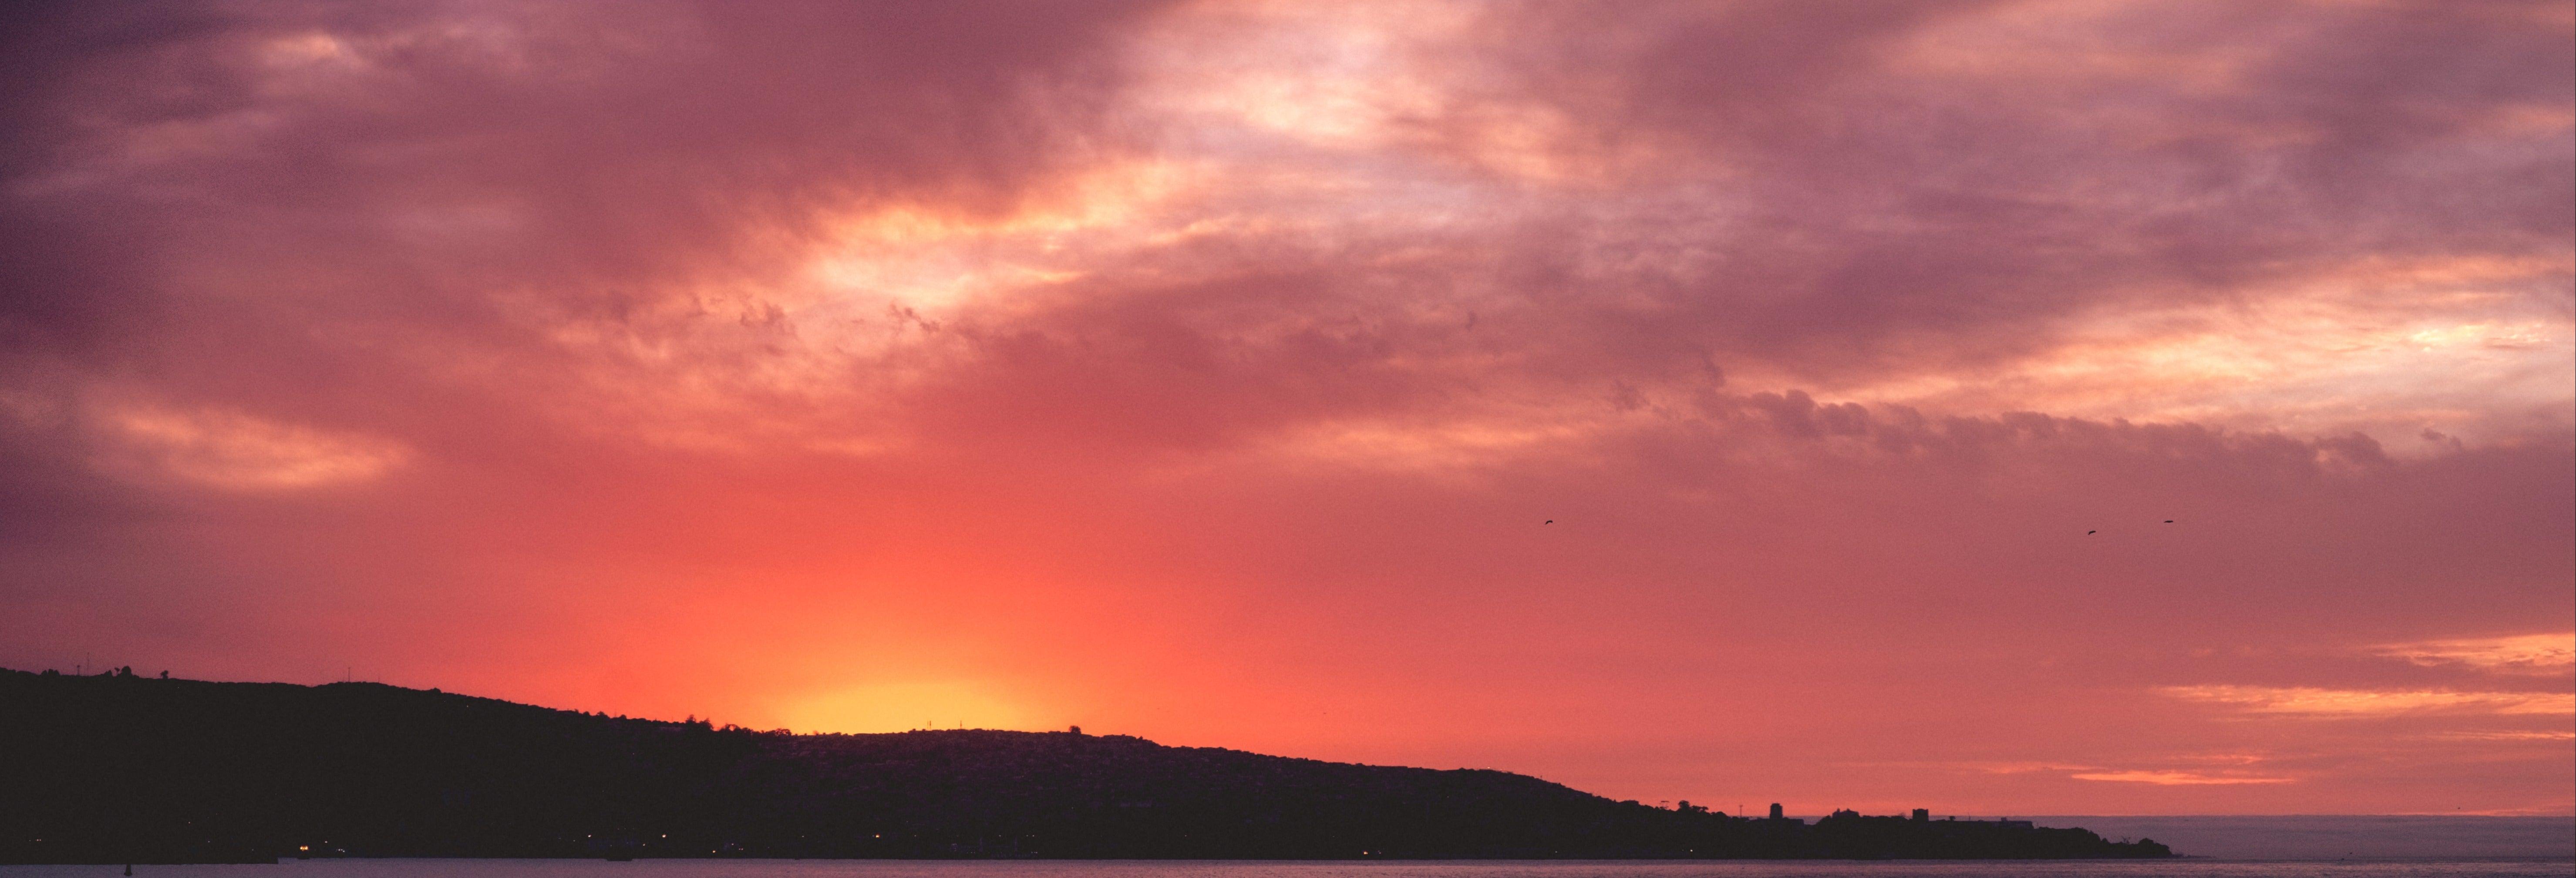 Excursión nocturna a Viña del Mar y Valparaíso